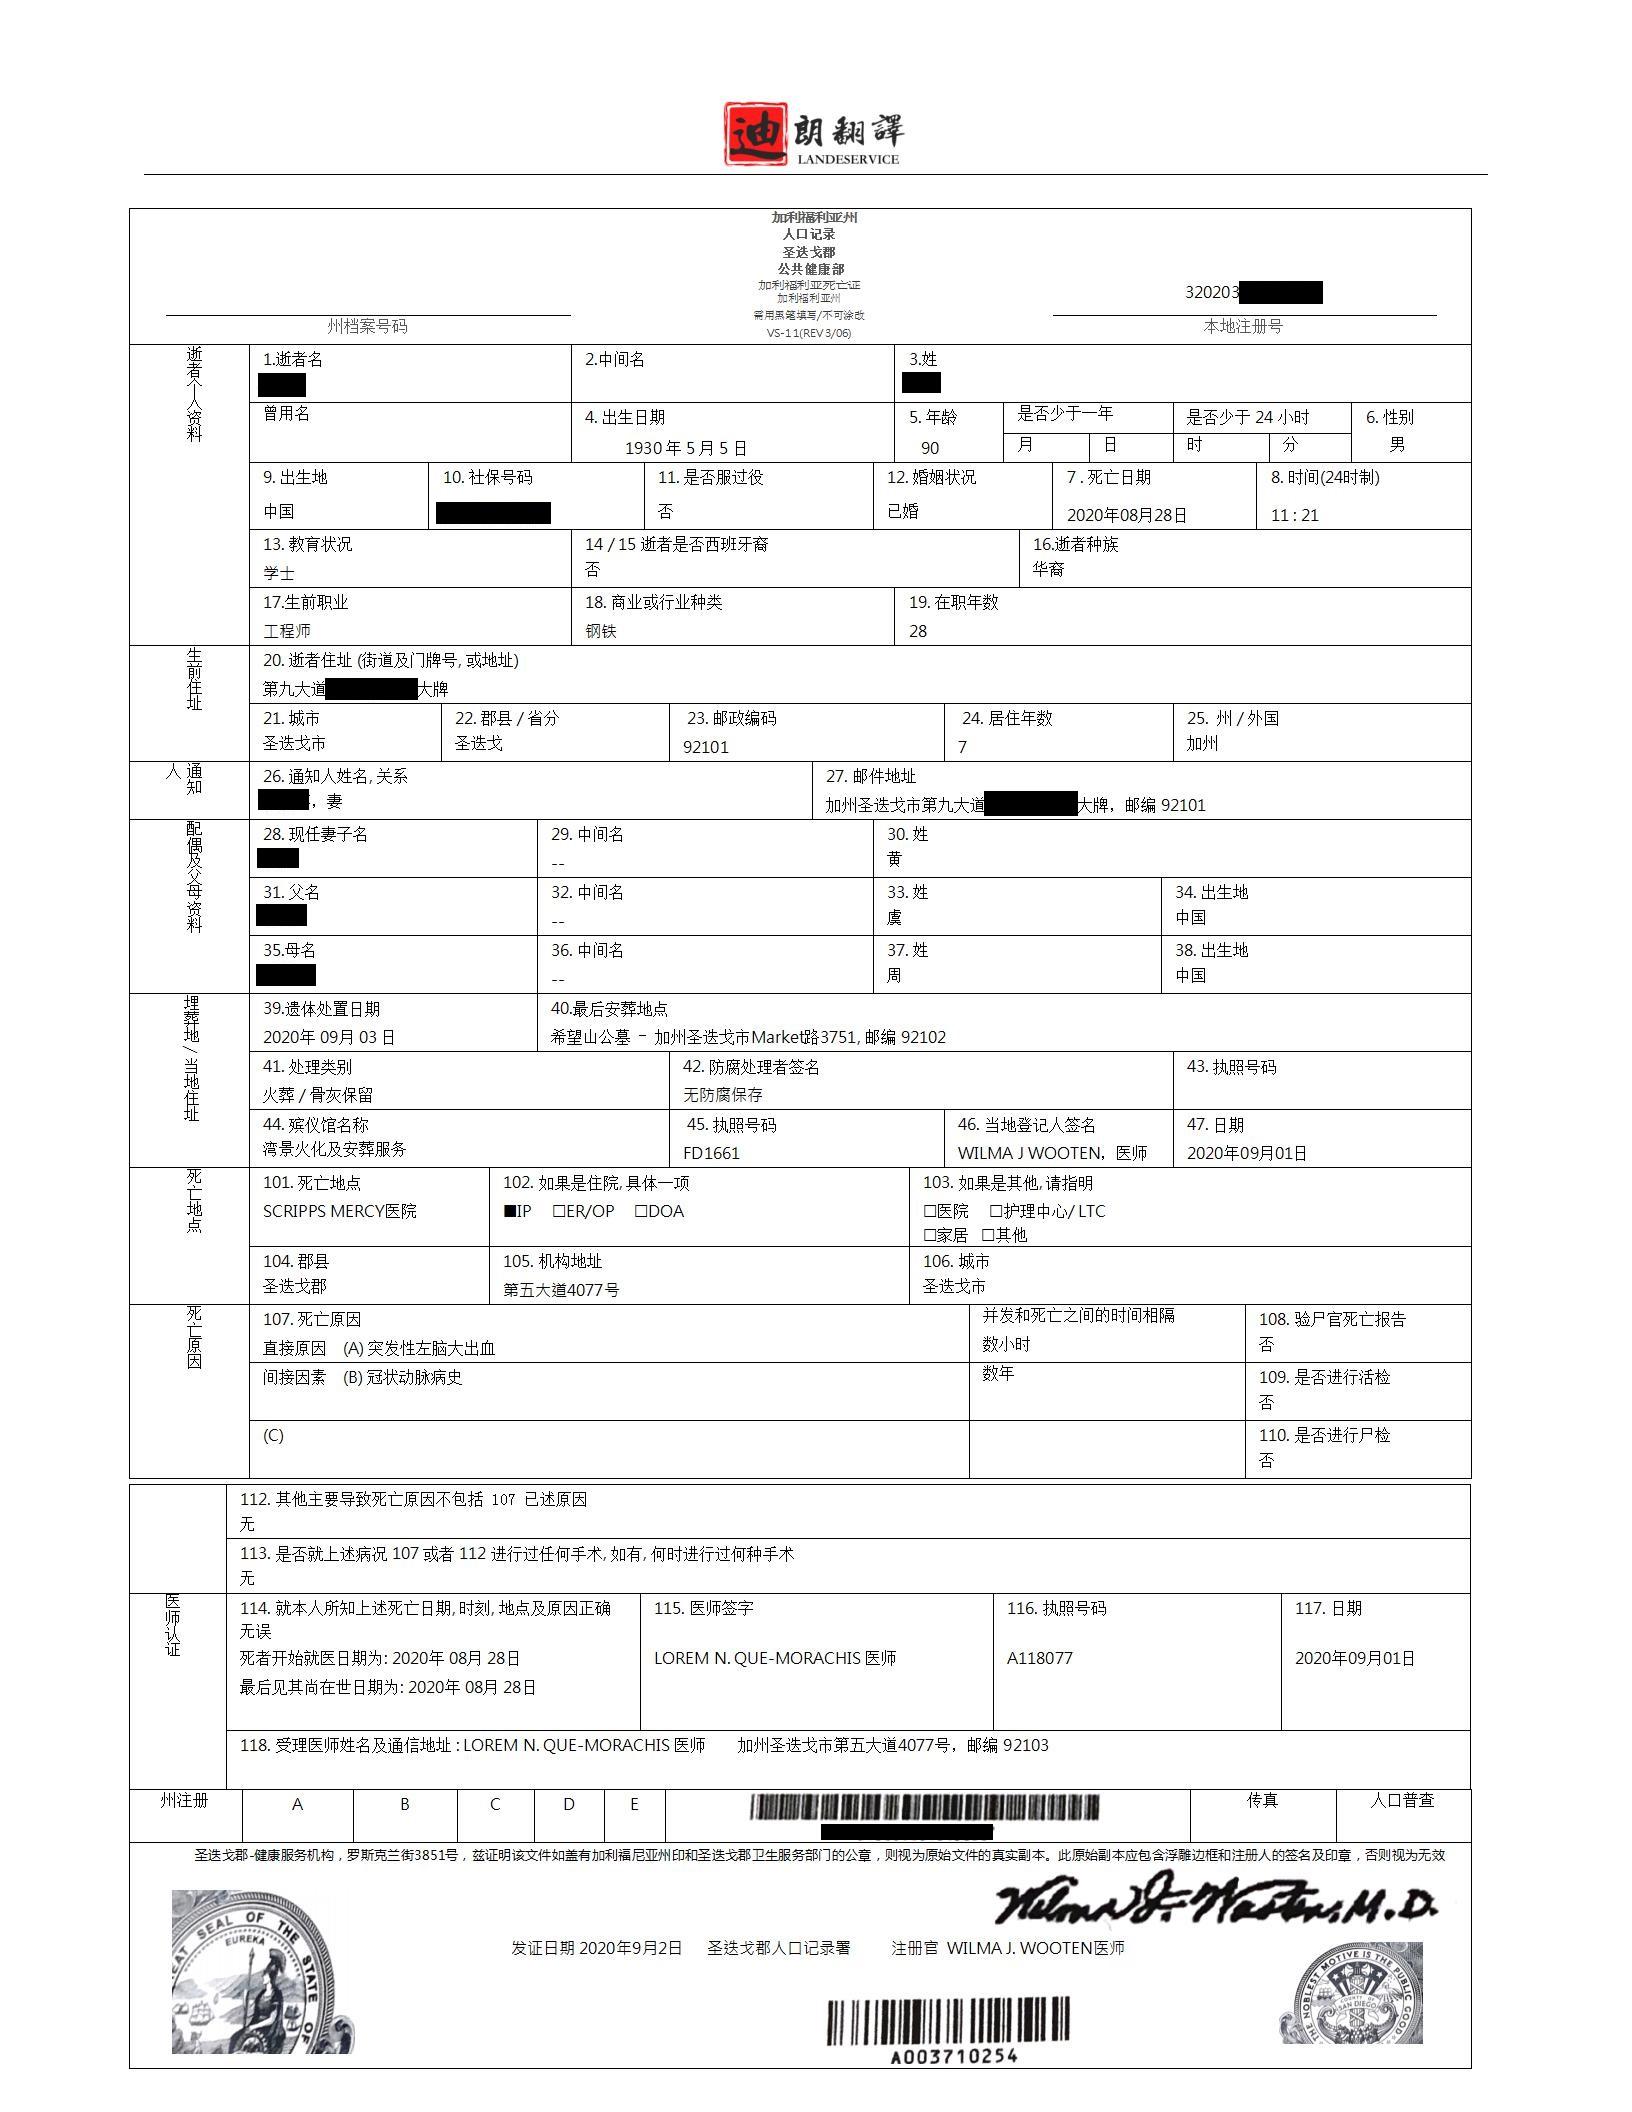 01 - 美国圣迭戈死亡证翻译认证盖章